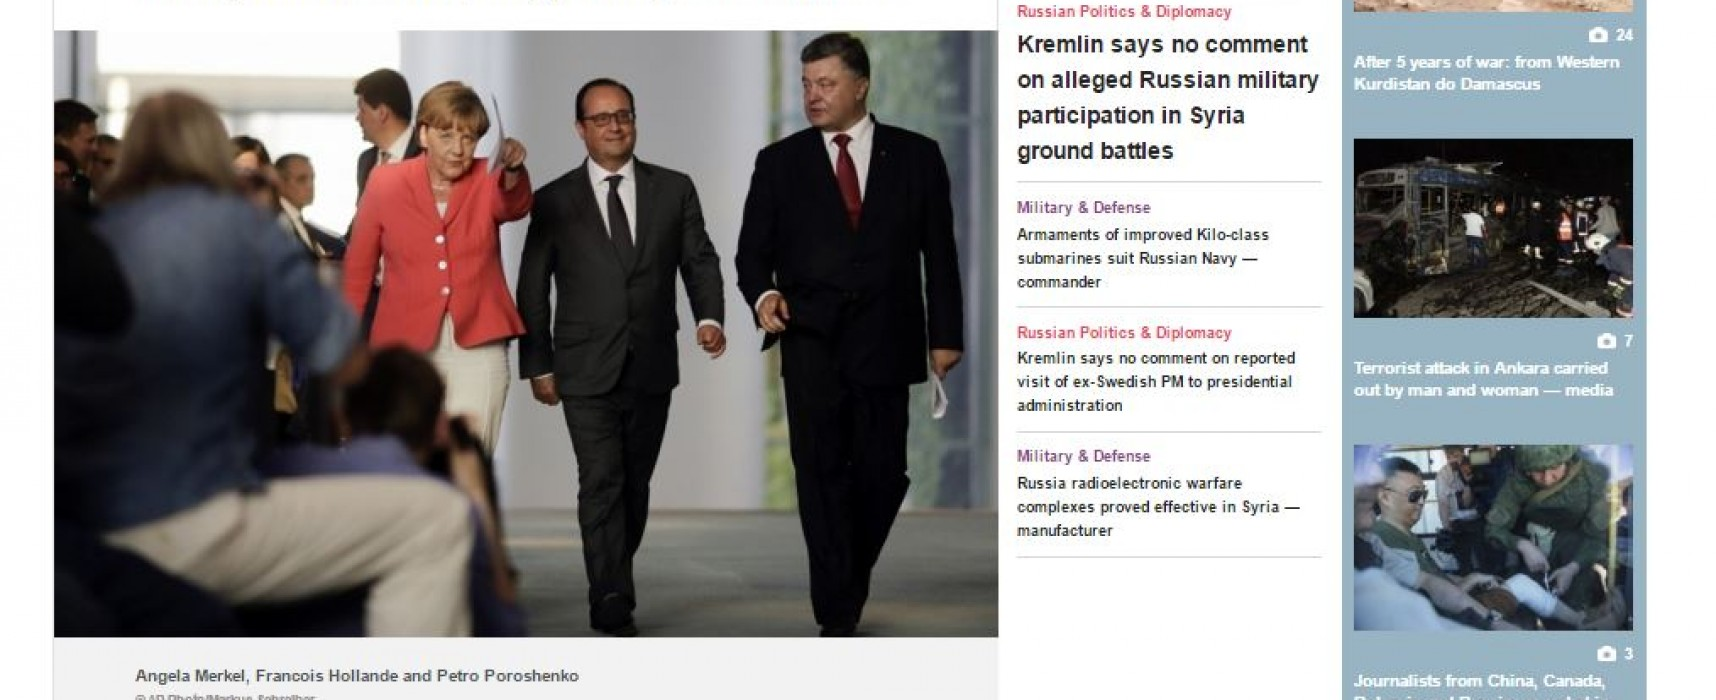 Des médias russes ont déformé des déclarations de leaders européens à propos de l'Ukraine